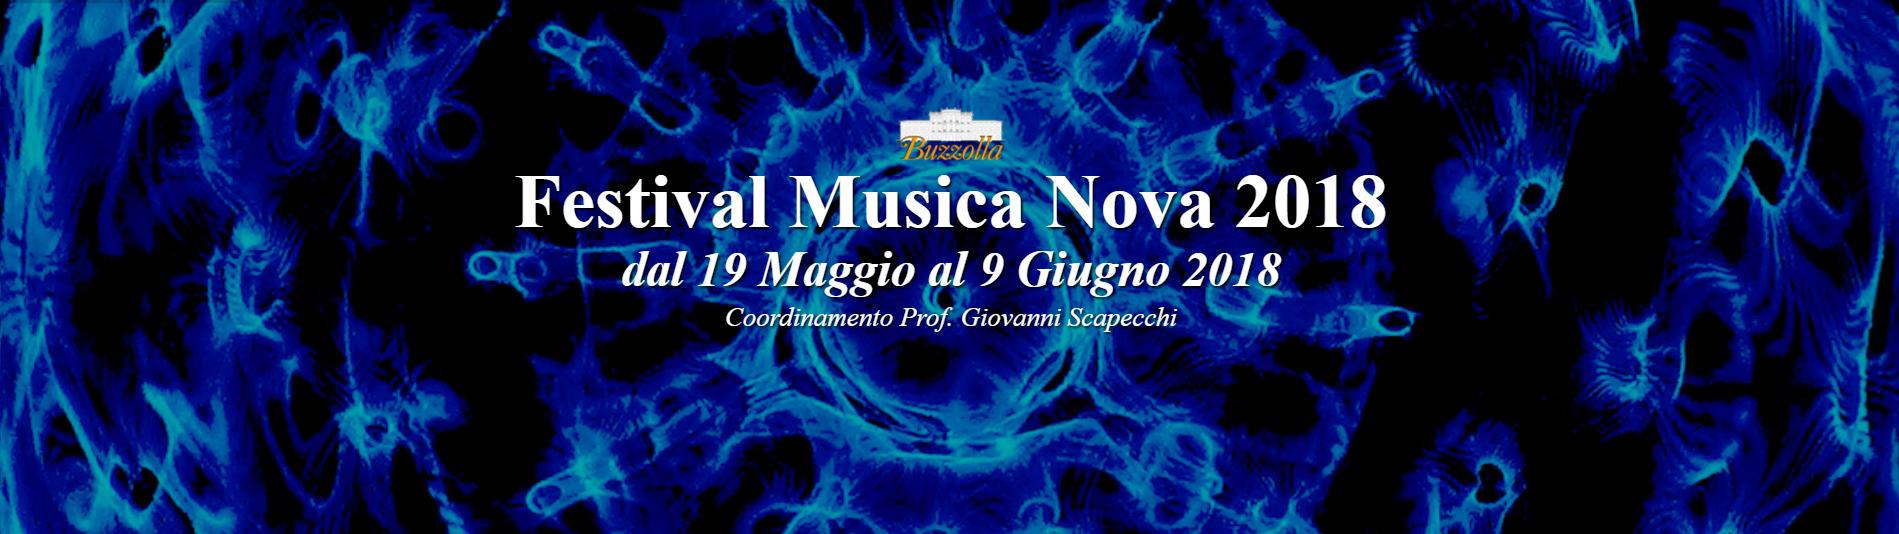 19 Maggio – 9 Giugno 2018, Festival Musica Nova 2018 (calendario generale)